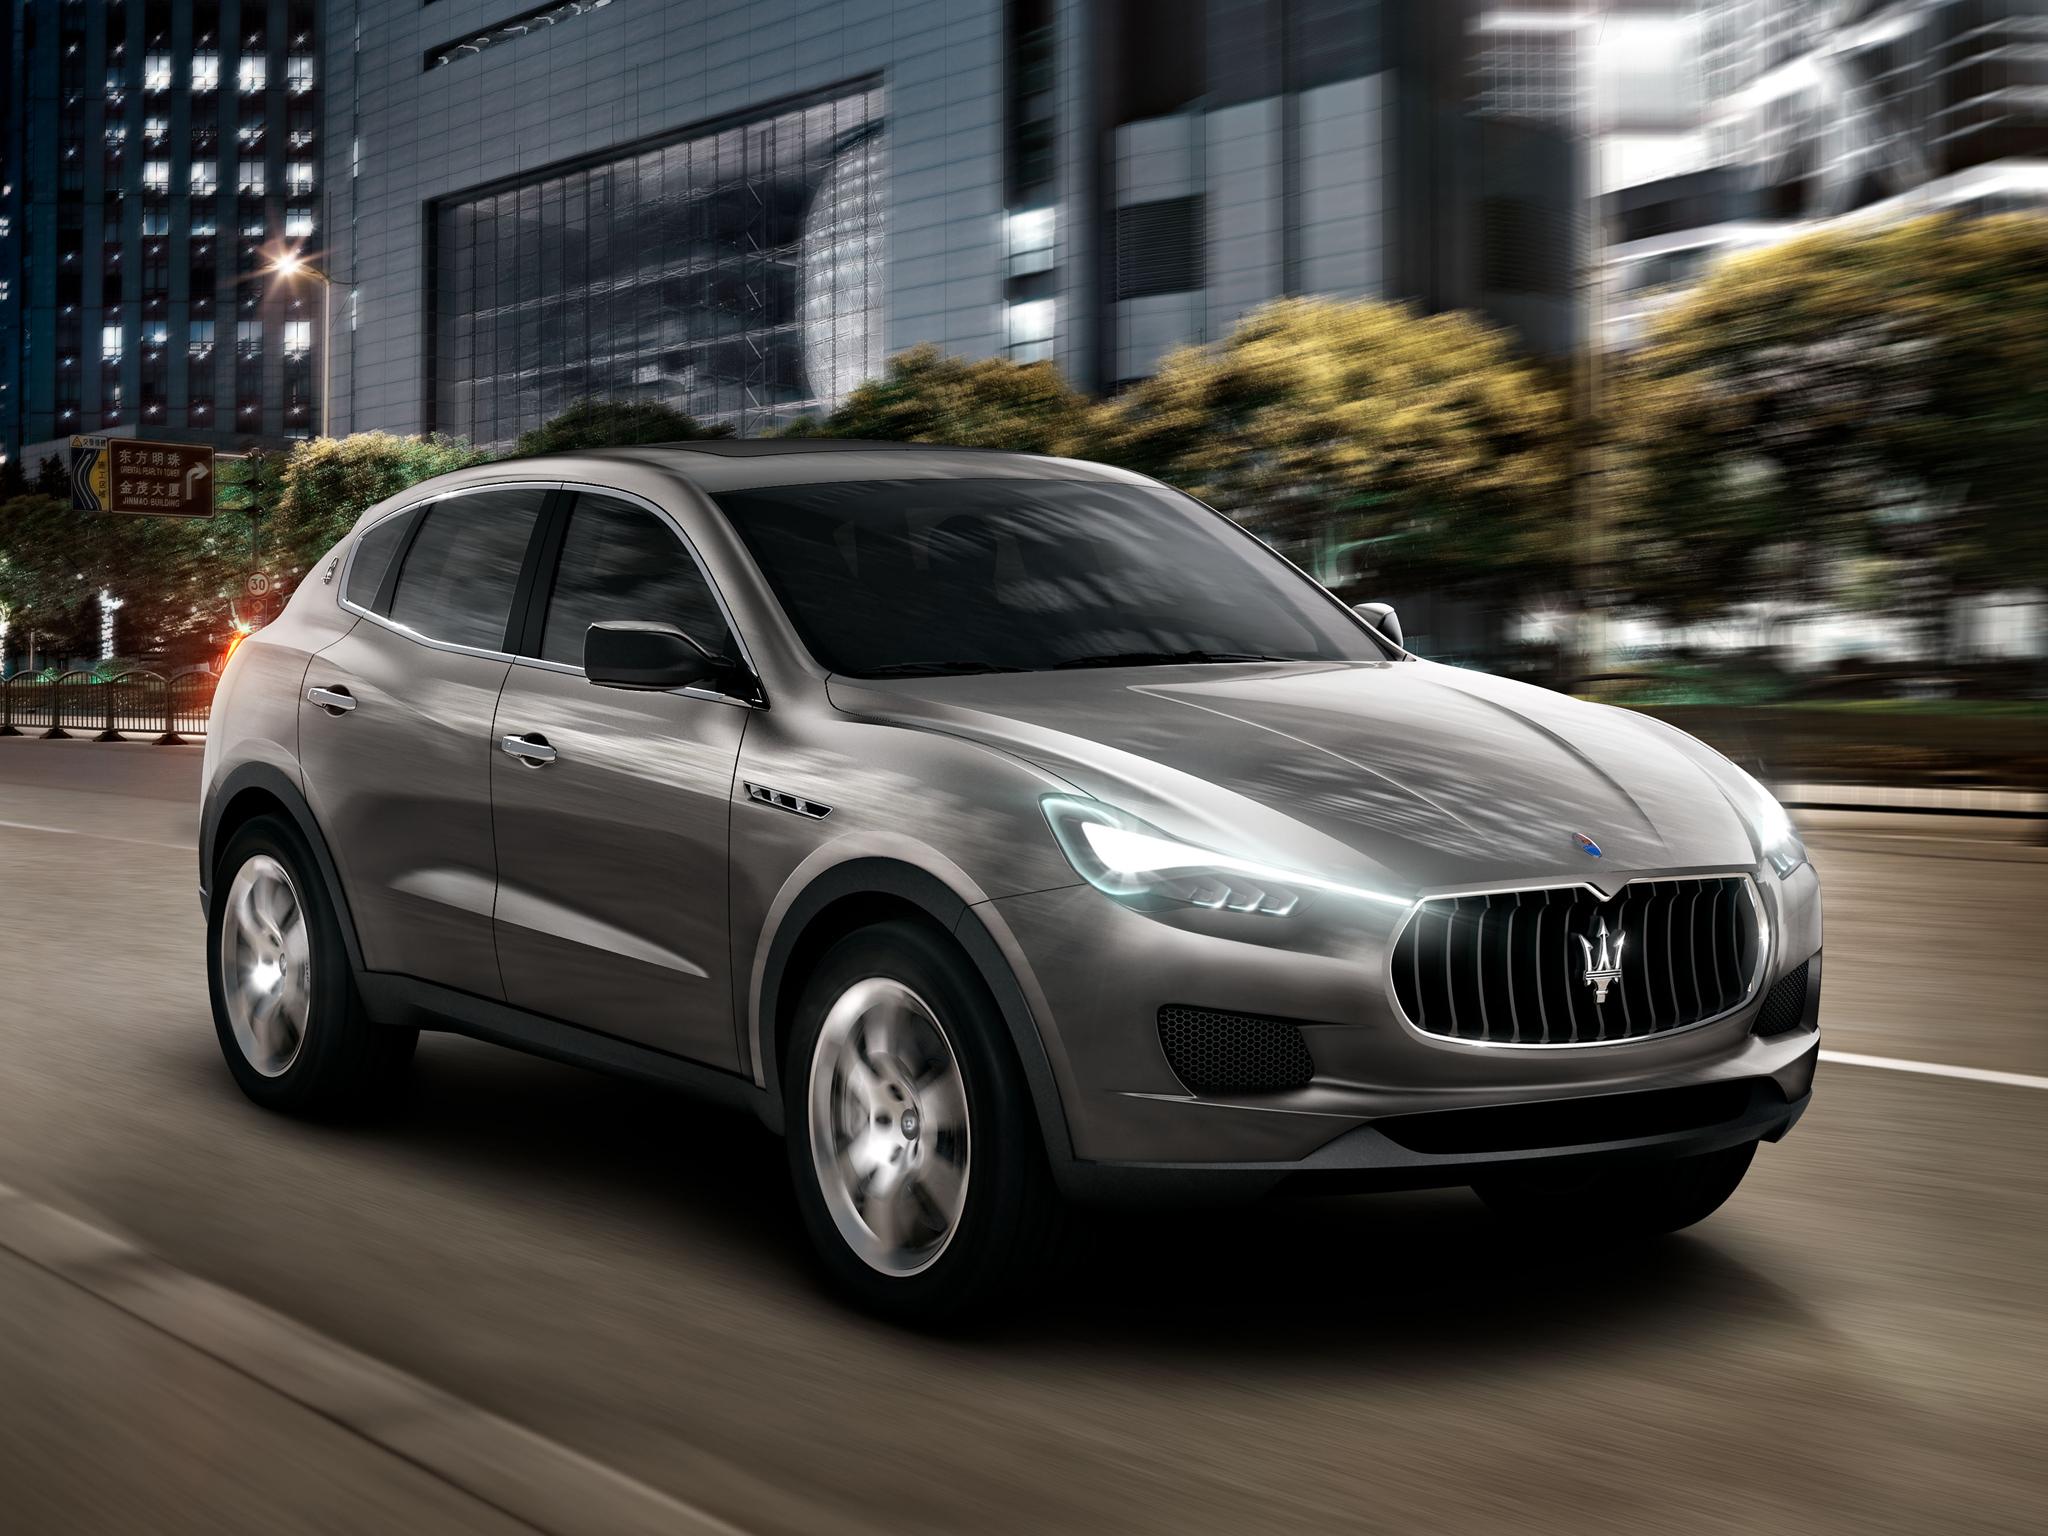 De Maserati Kubang Concept, waarop de nieuwe SUV gebaseerd is, werd al in 2011 voorgesteld. Foto: Maserati